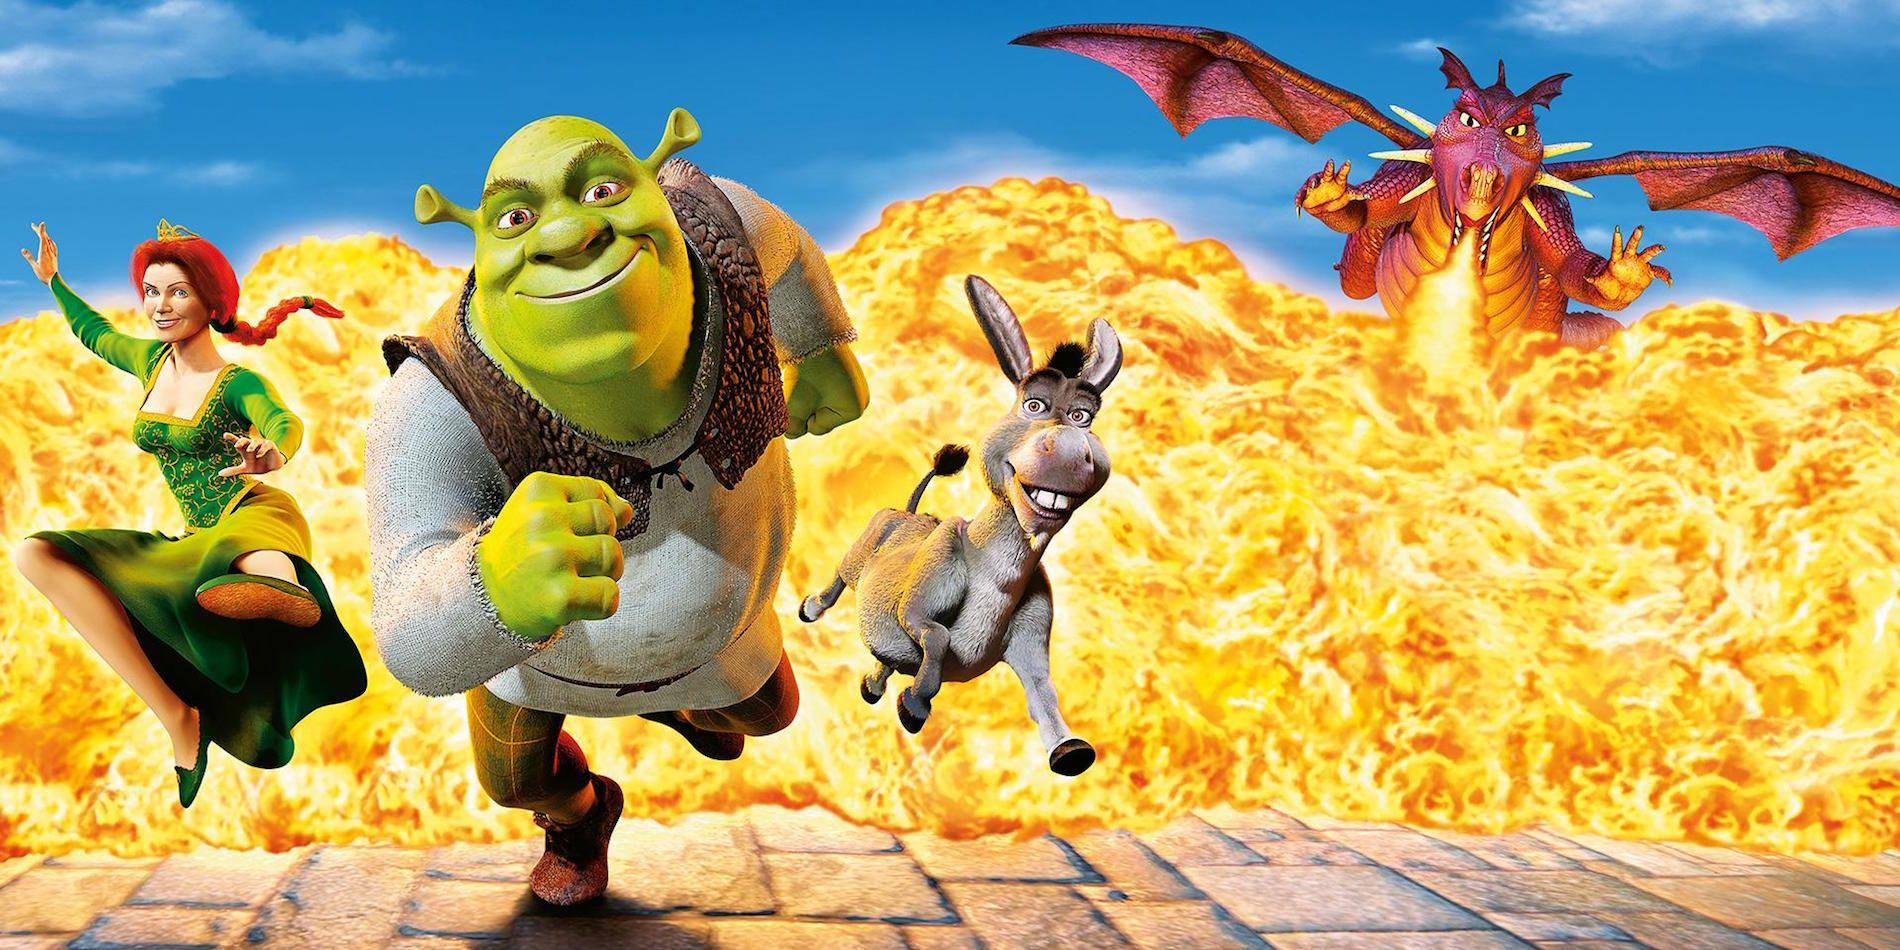 Cartoon Shrek 5 2019 68